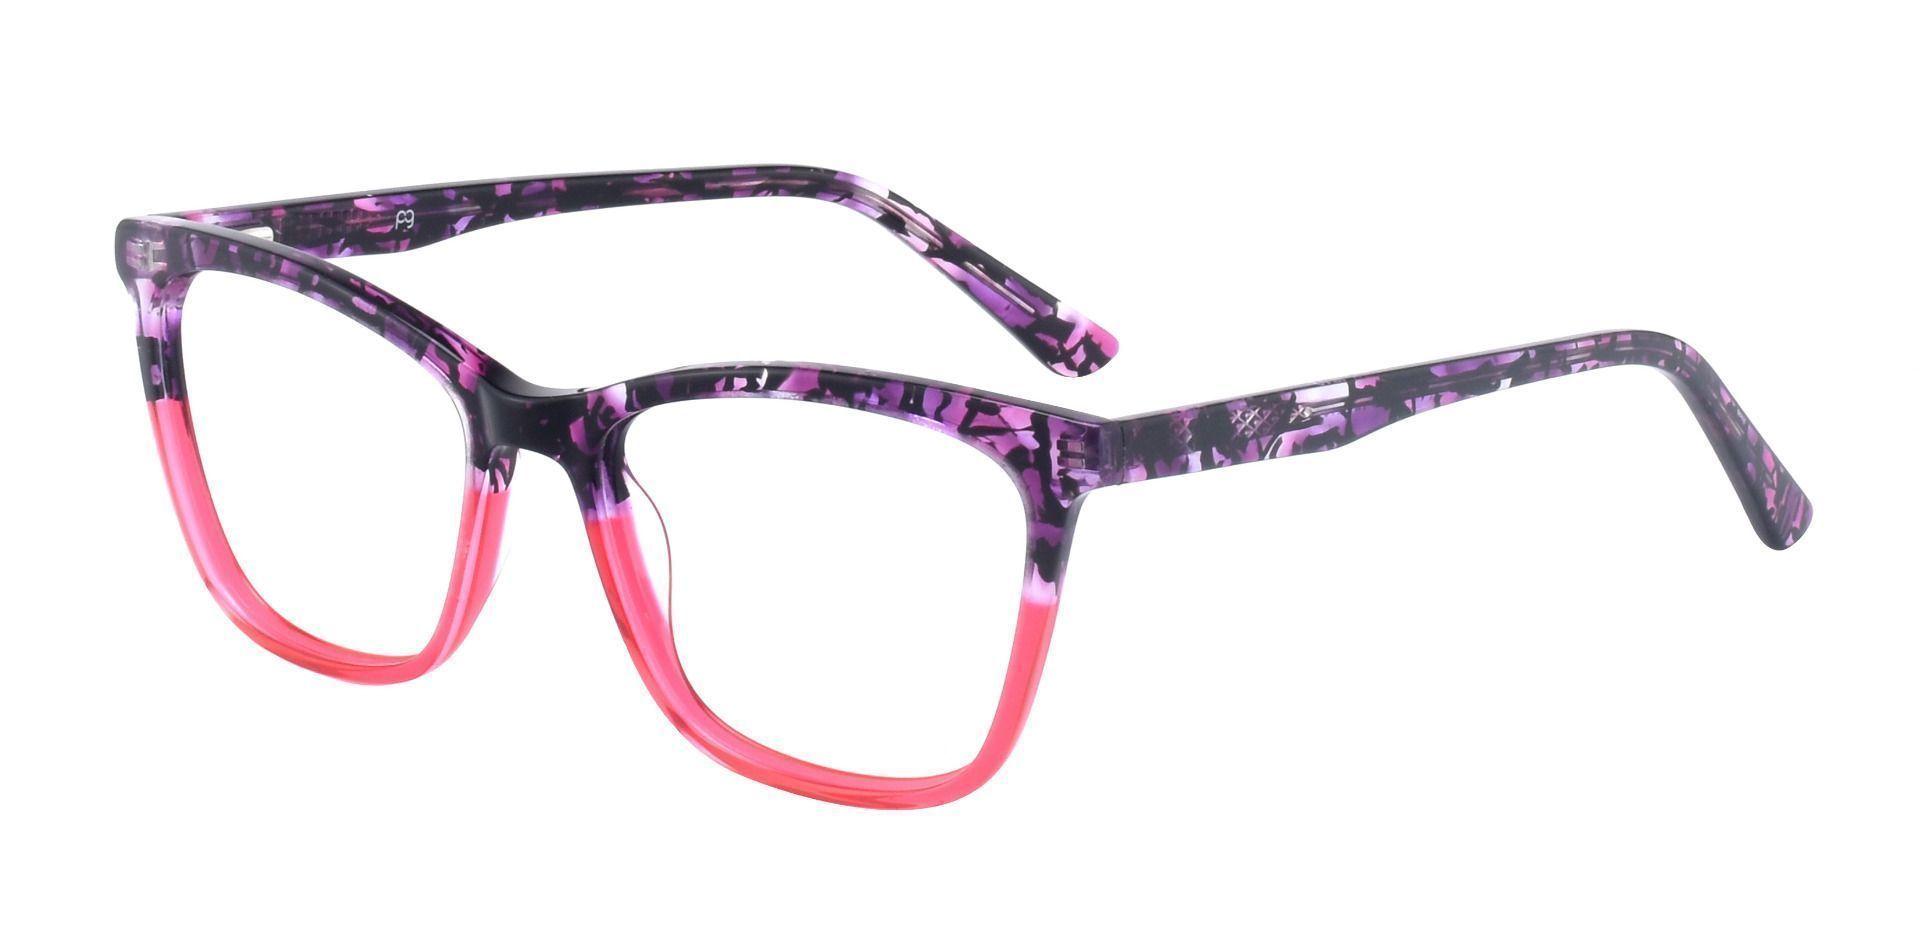 Concord Cat Eye Prescription Glasses - Red